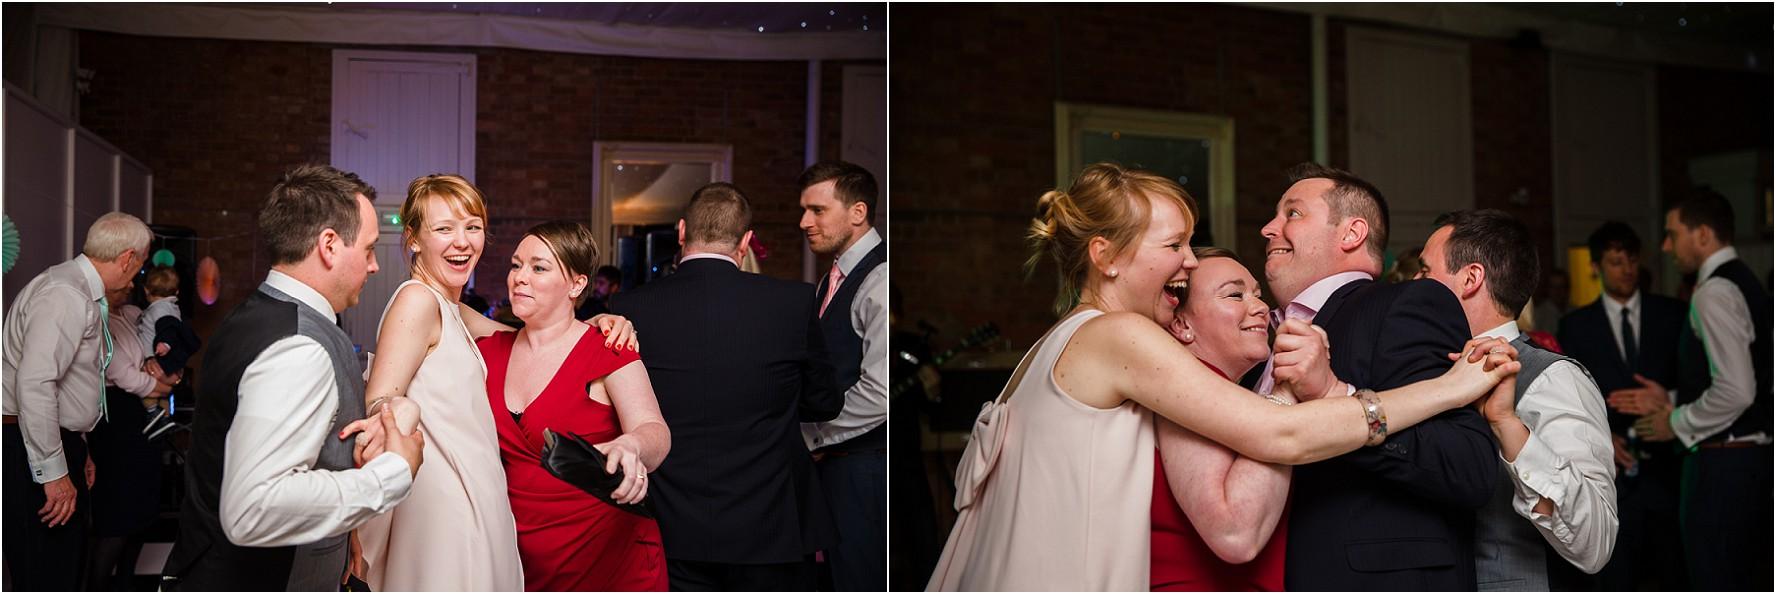 Wedding Photography Norwood Park_0154